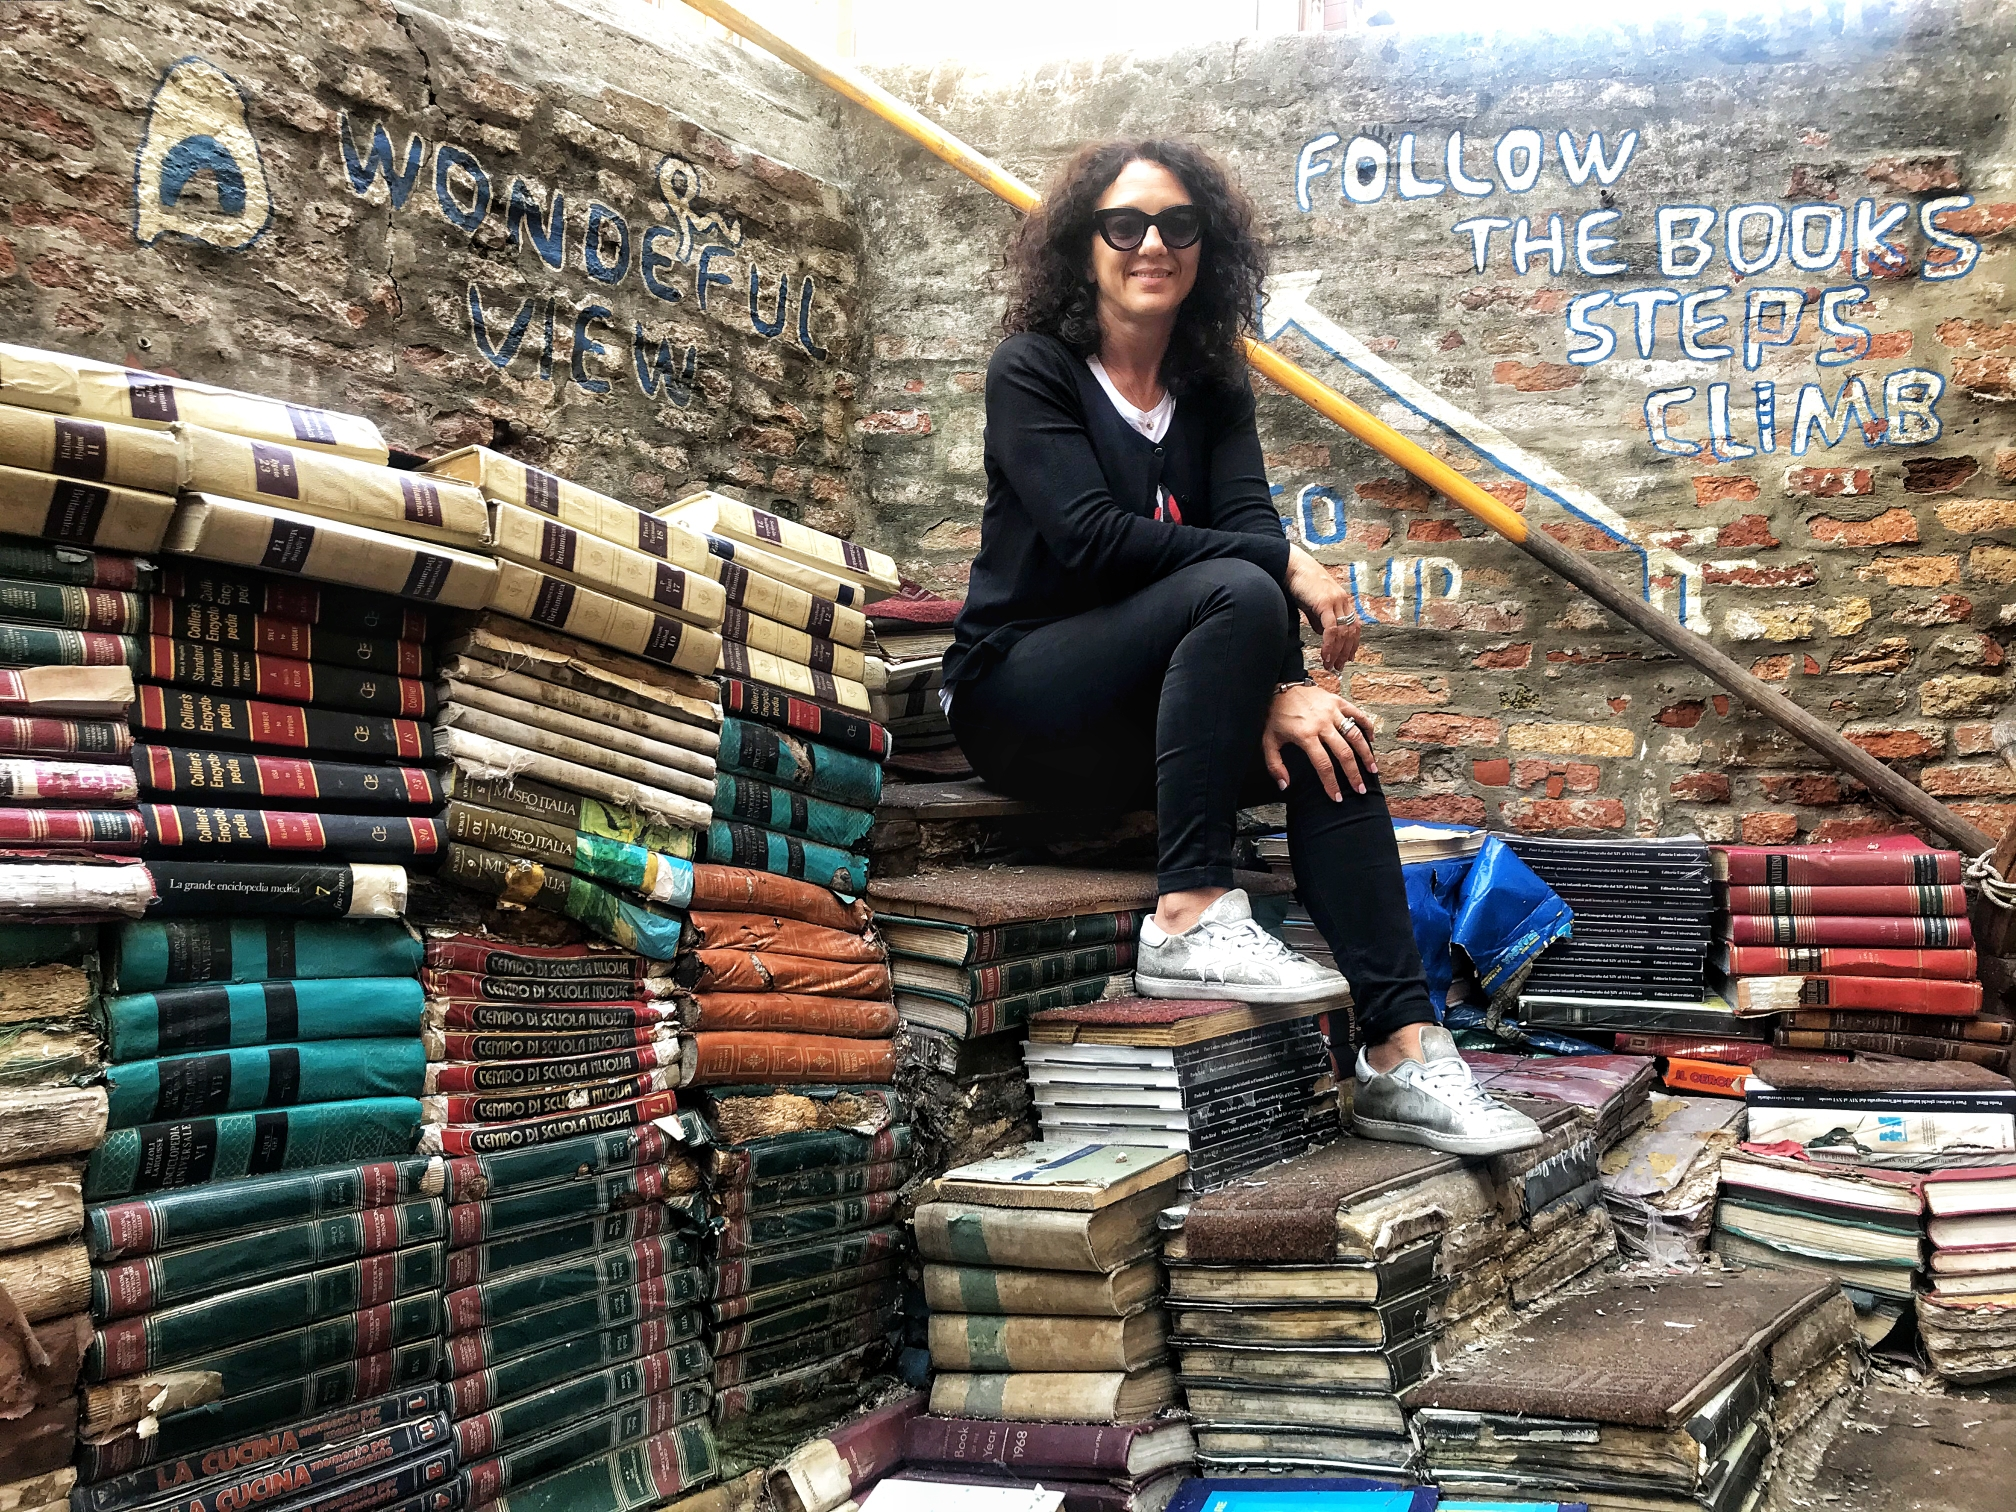 libreria Venezia fuori dai luoghi famosi